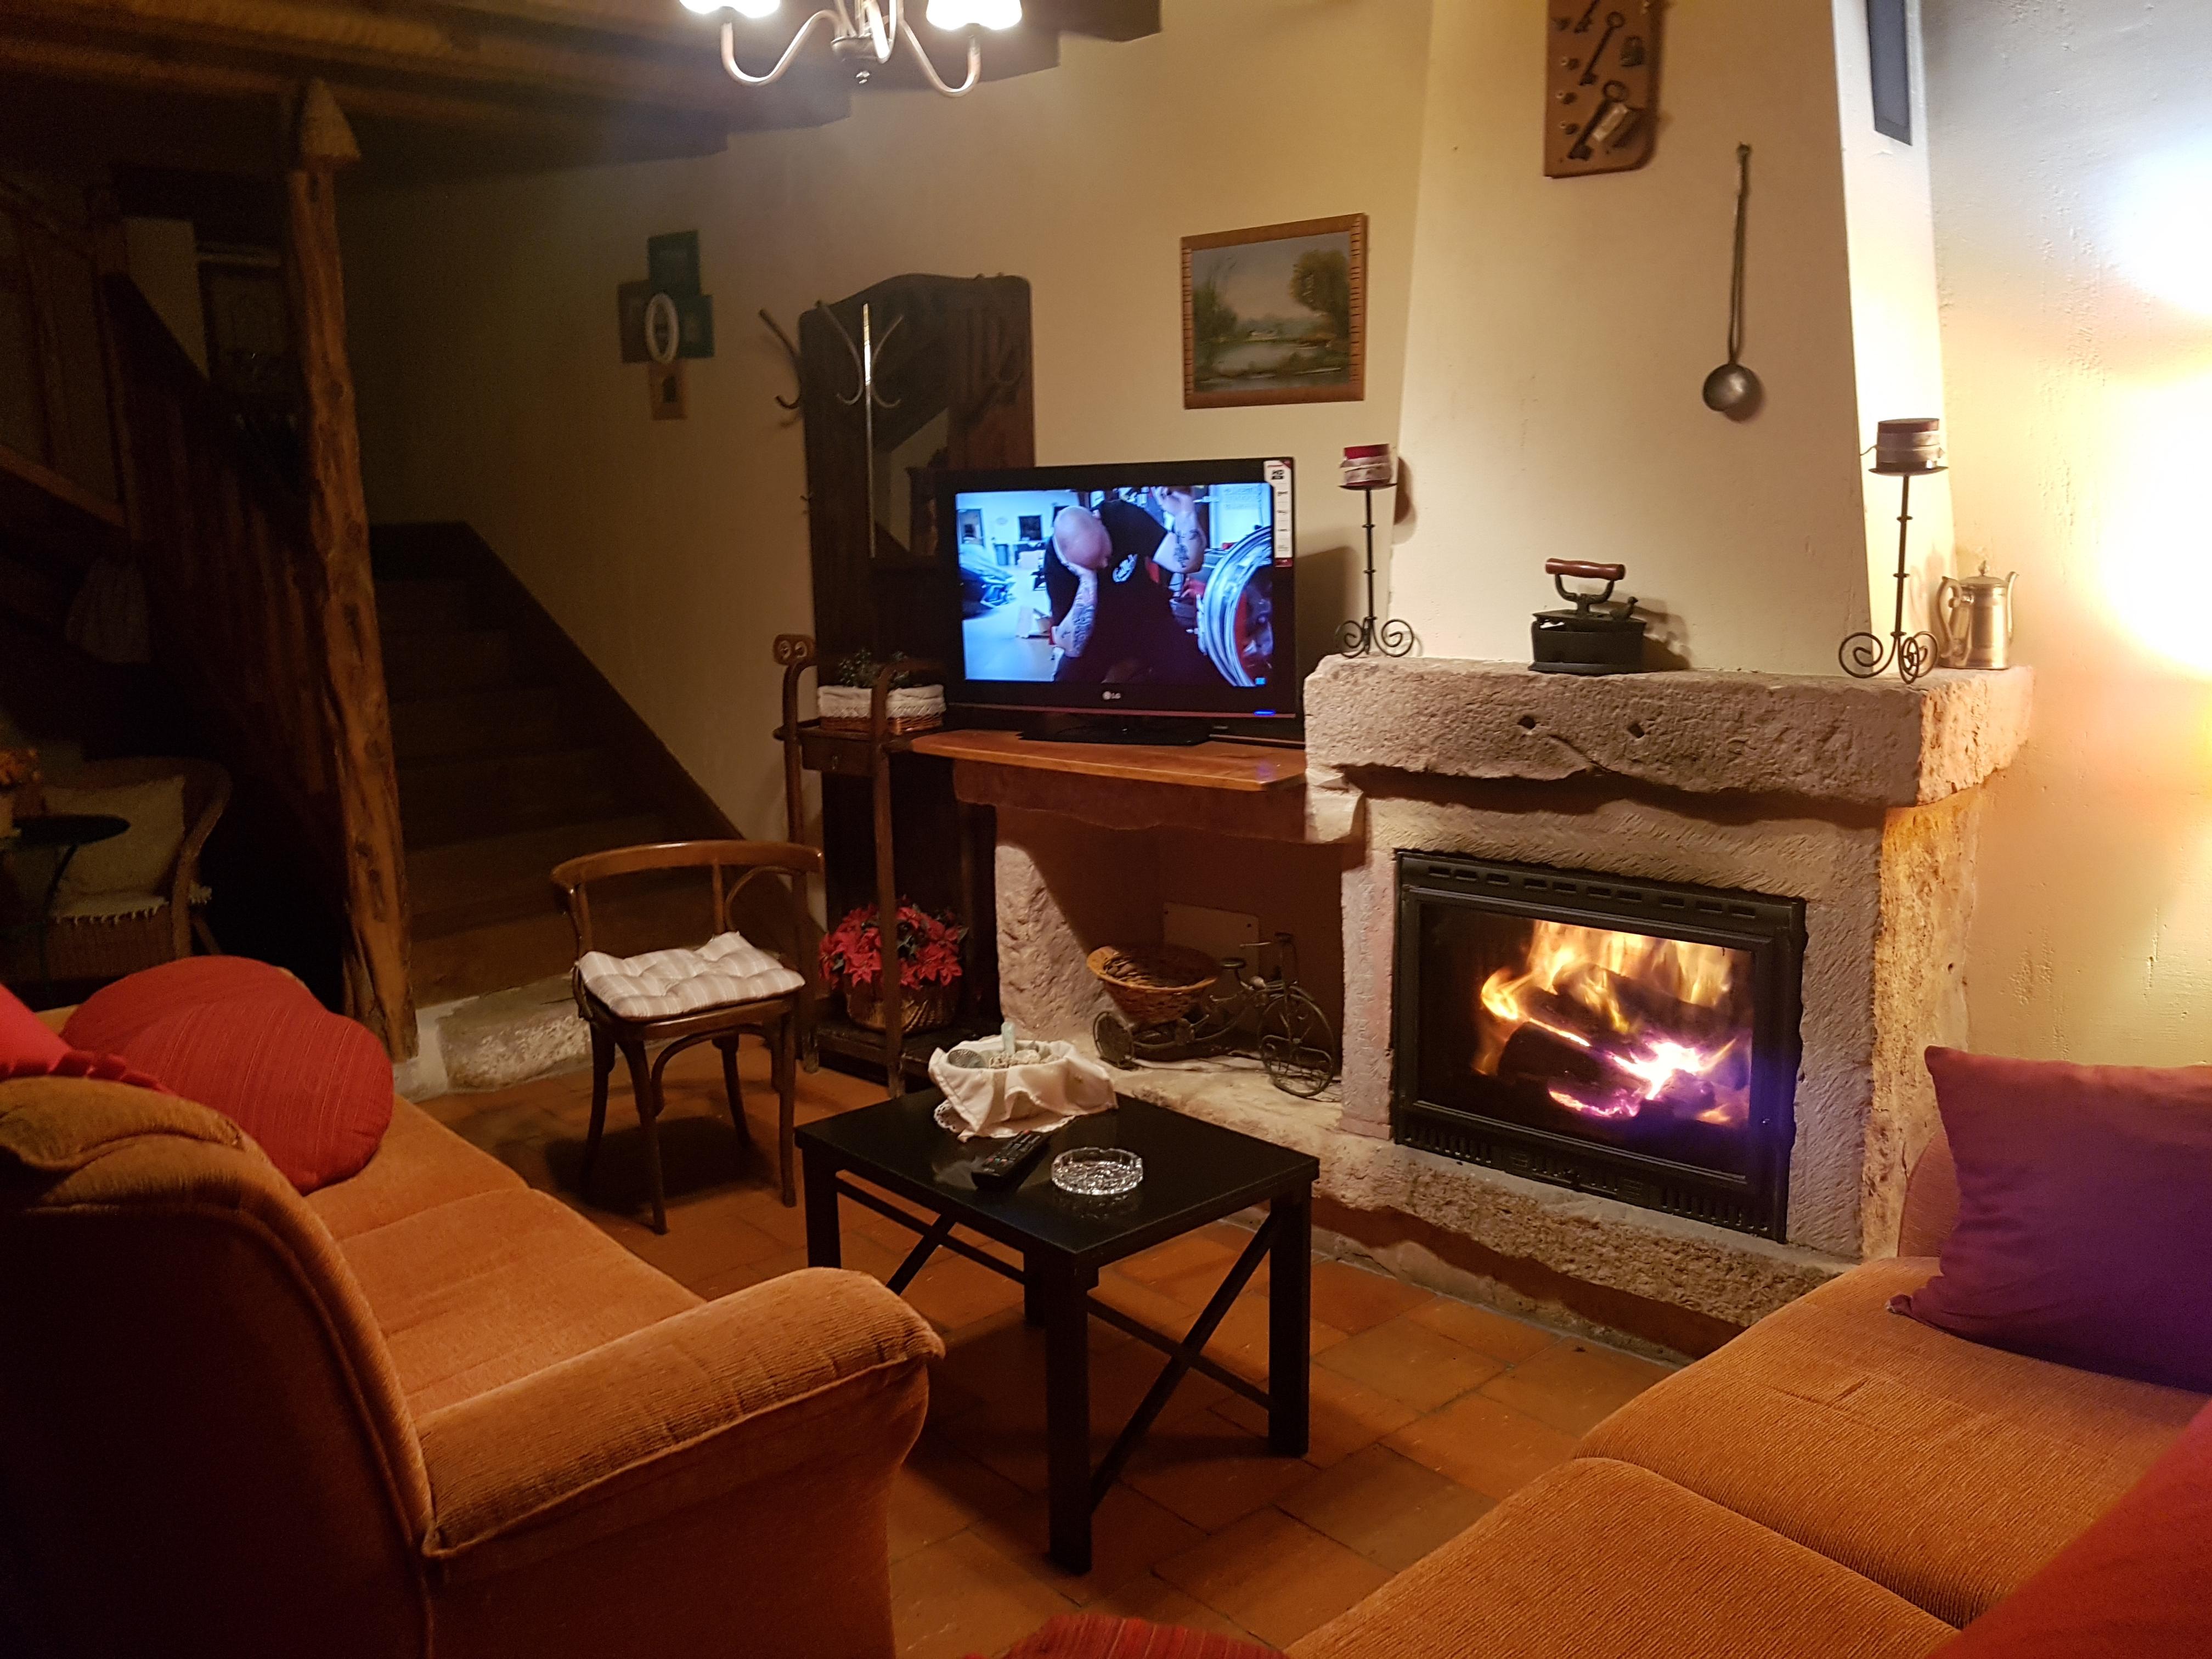 ofertas de febrero de 2019 casas rurales la Fuente. Segovia